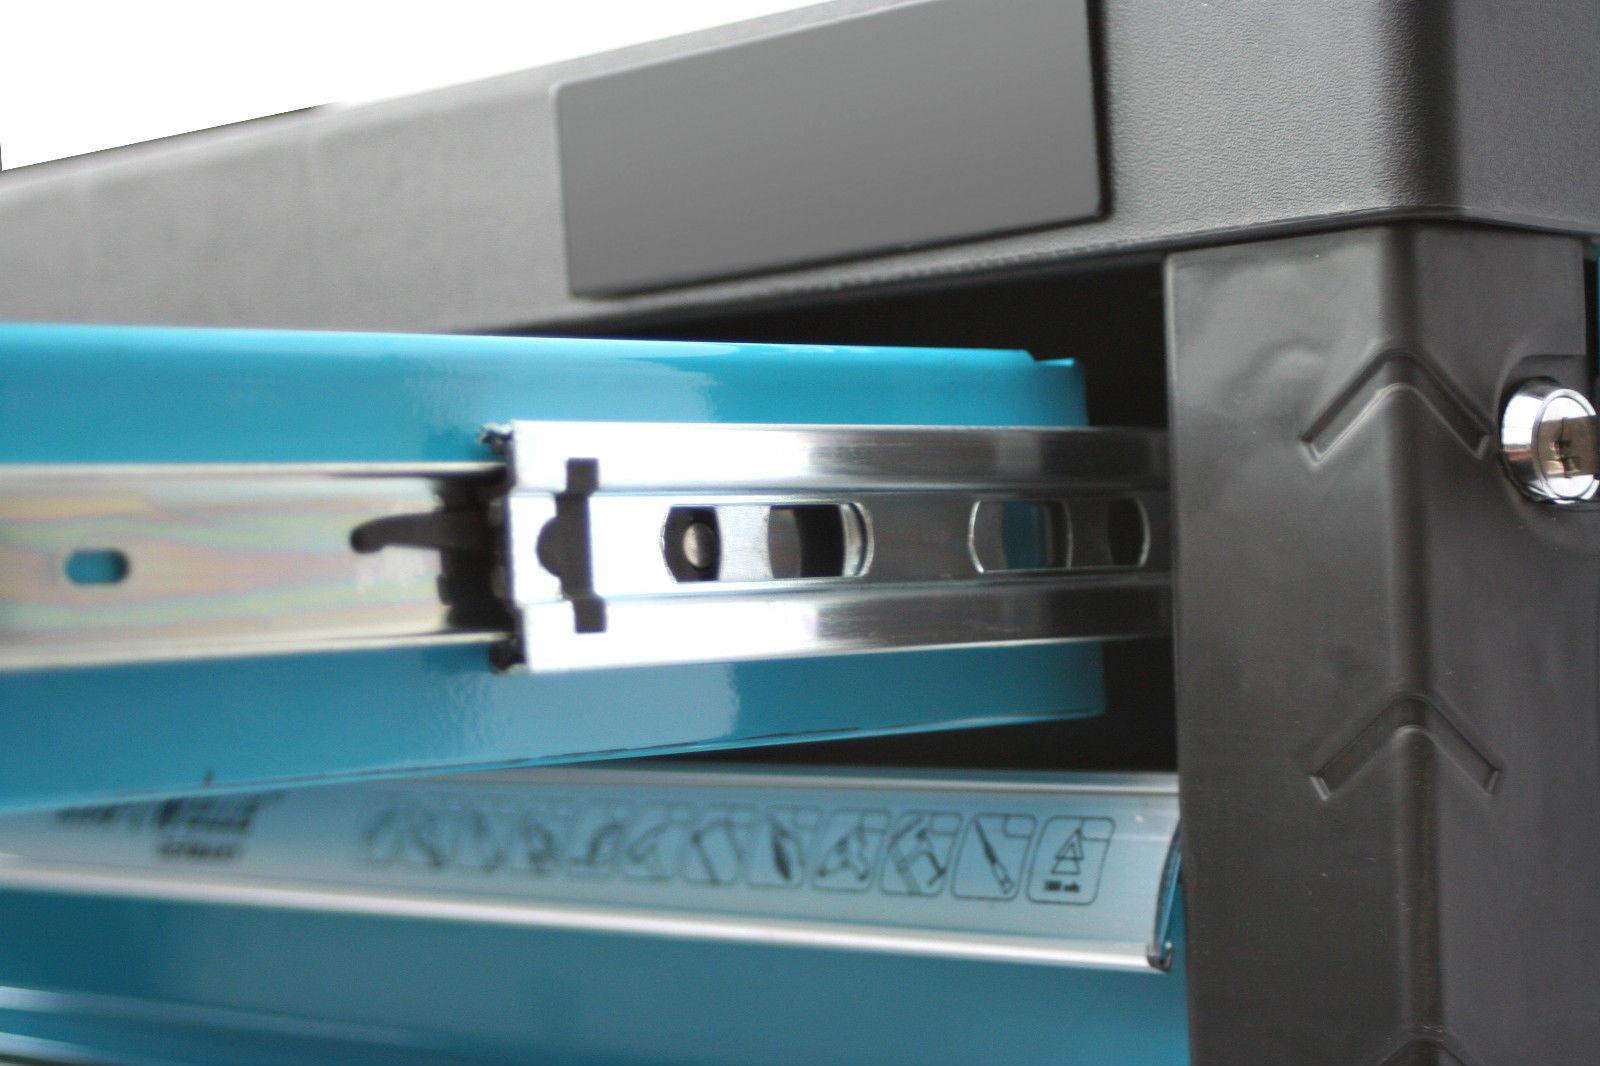 werkstattwagen gef llt werkzeugwagen werkzeugschrank werkzeugkasten box blau ebay. Black Bedroom Furniture Sets. Home Design Ideas